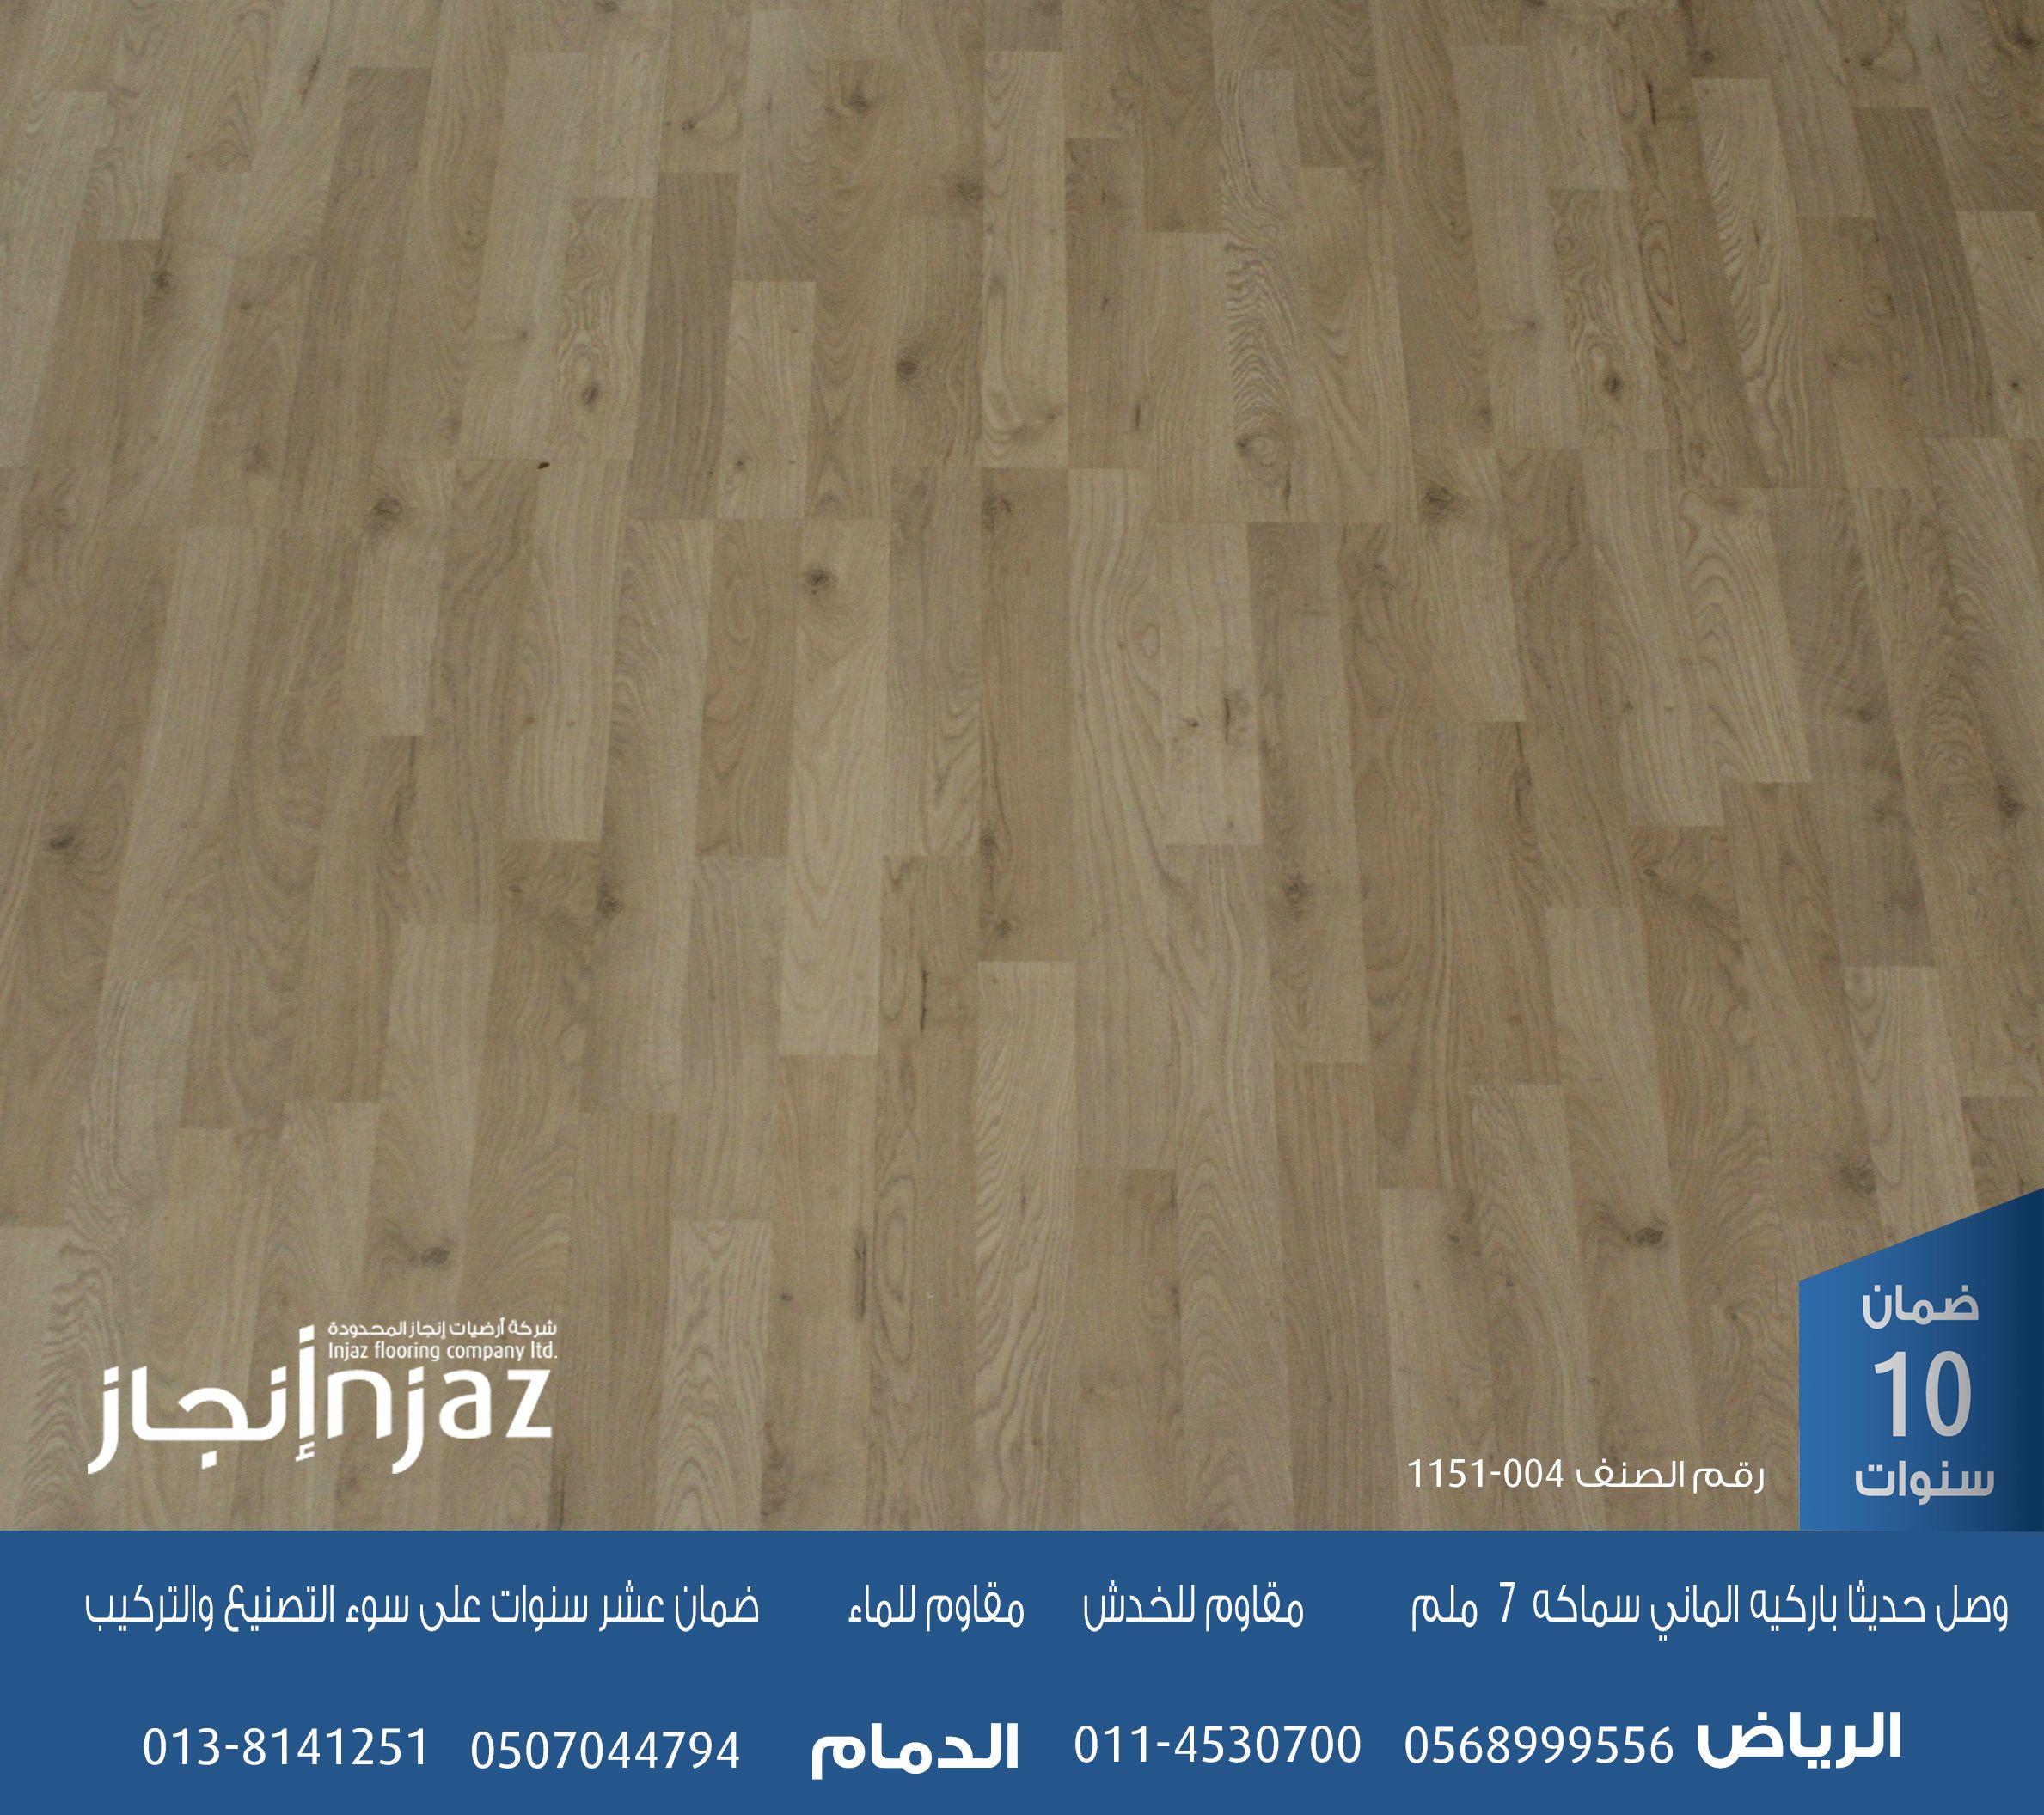 باركيه الماني Wood Laminate Flooring Flooring Laminate Flooring